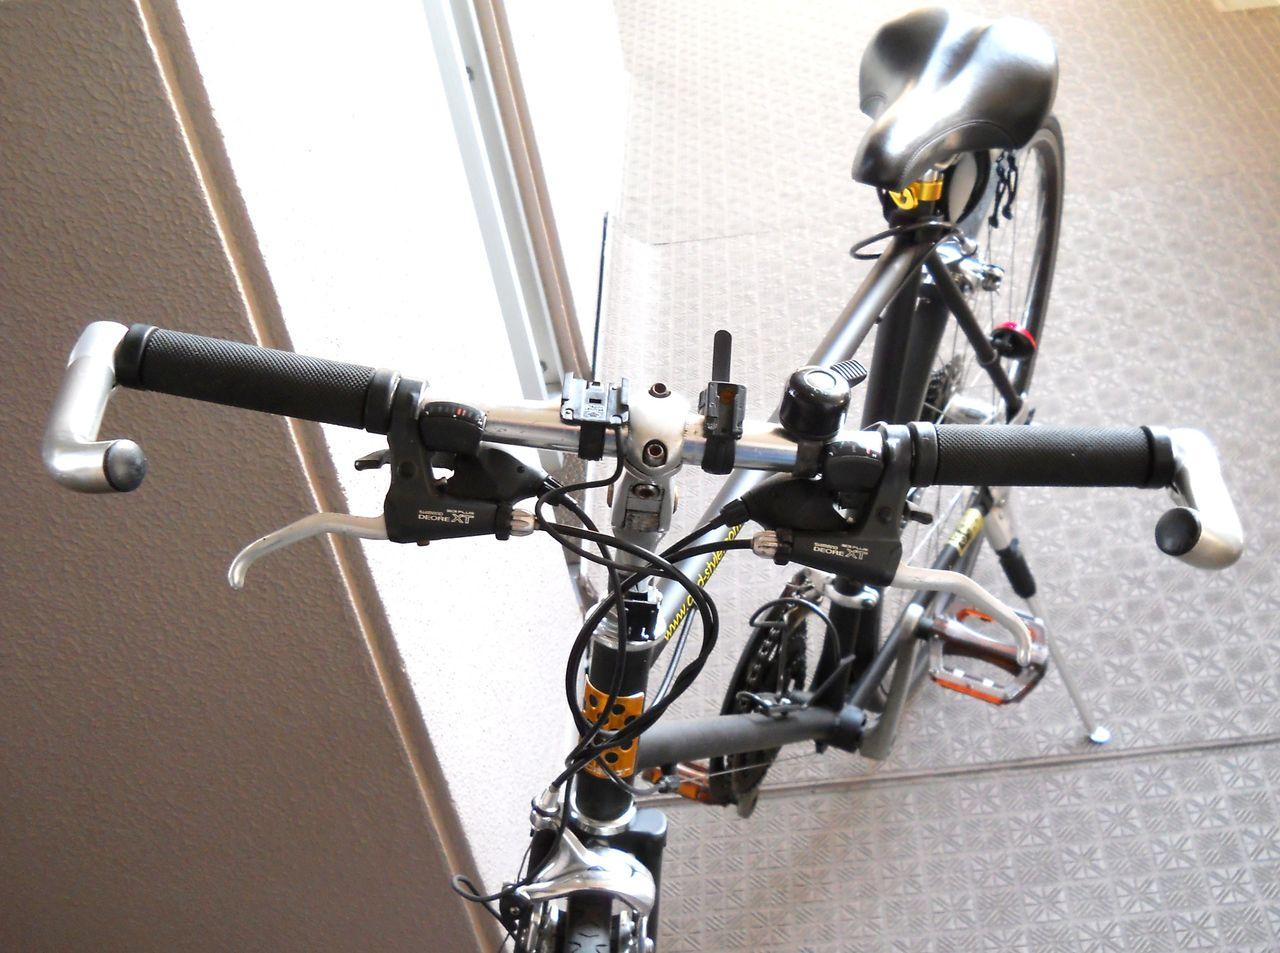 自転車の 自転車 ステム 角度 : 加の 自ずからテンテン転がる ...